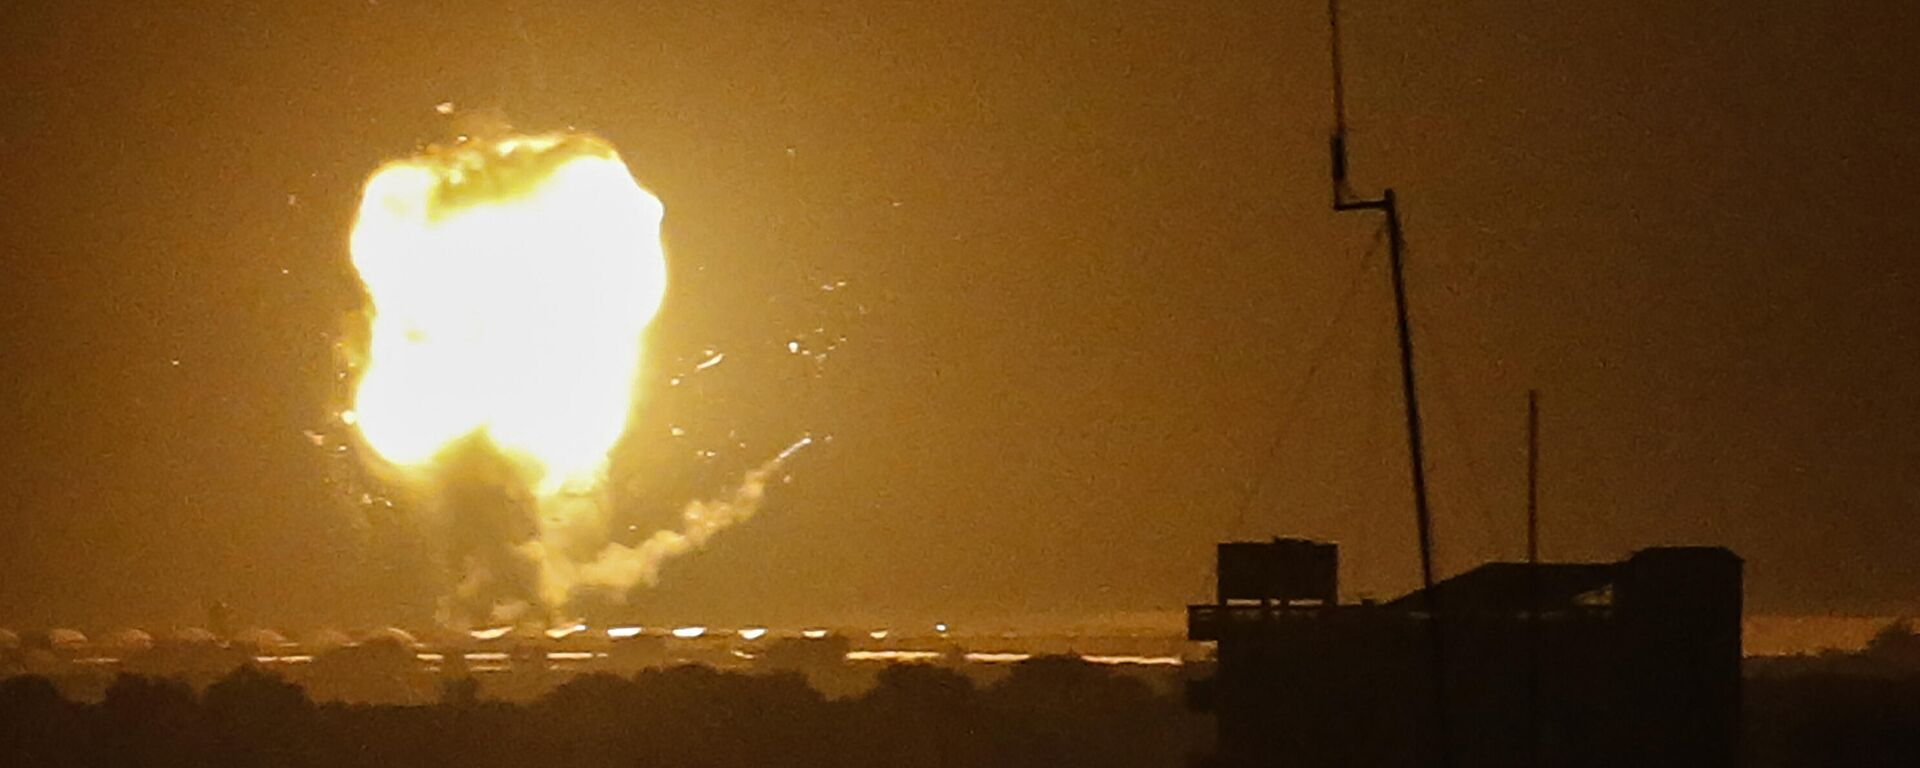 Bombardeo de la Franja de Gaza por Israel - Sputnik Mundo, 1920, 11.05.2021